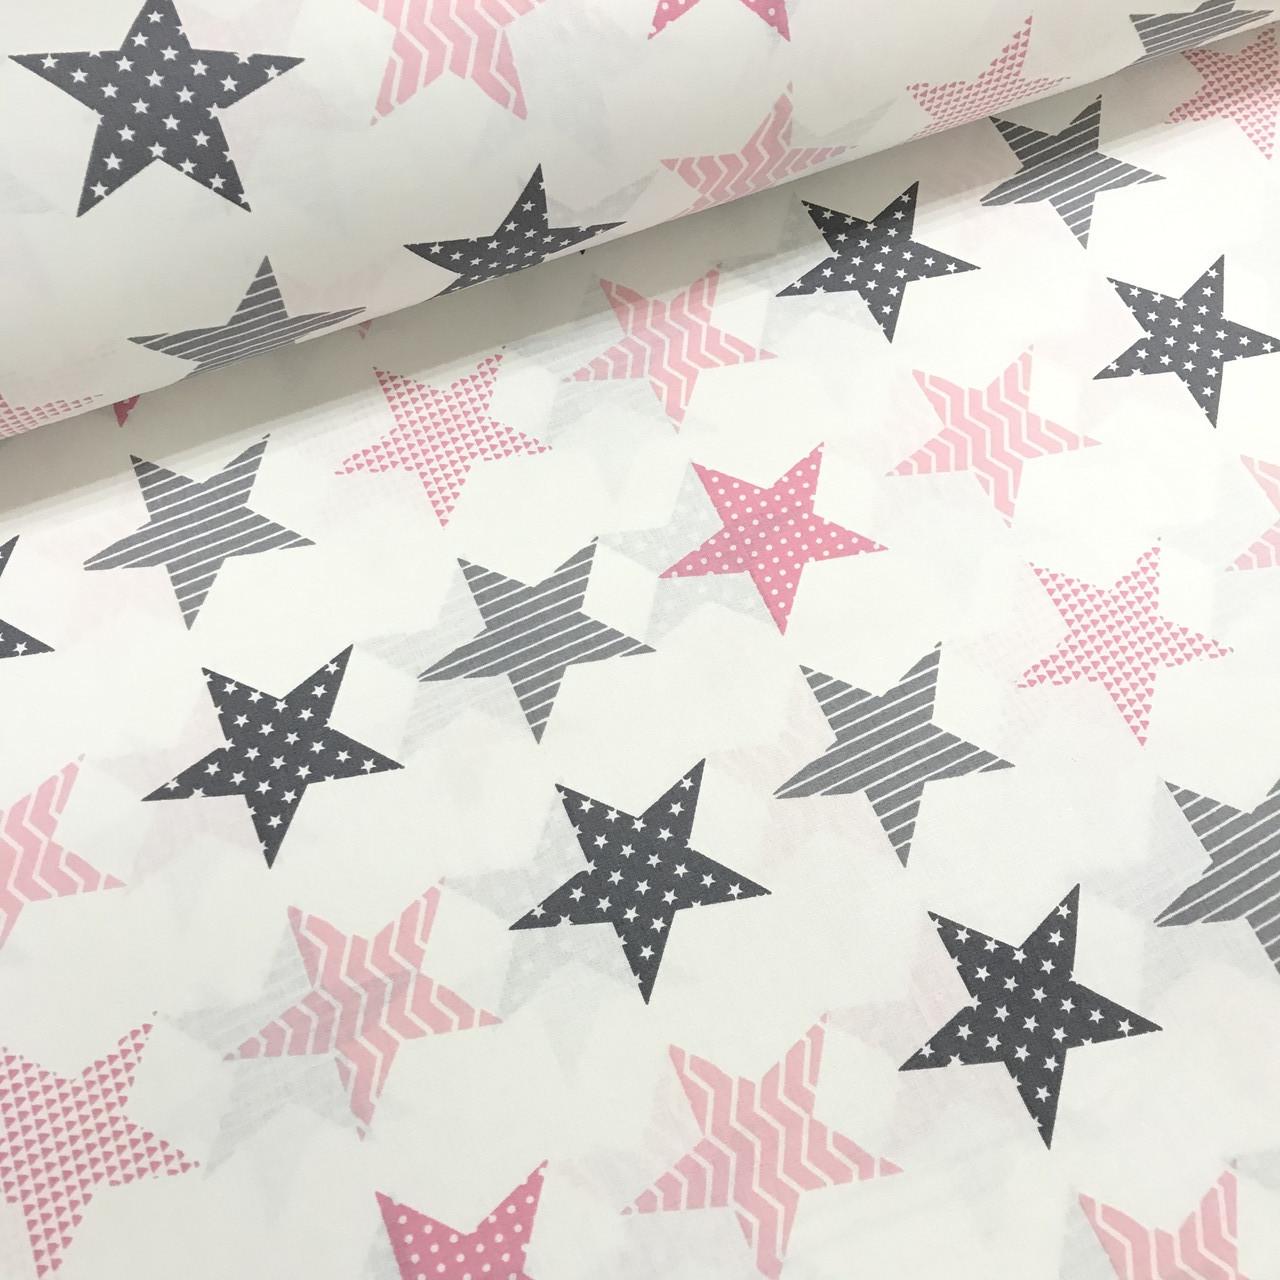 Ткань поплин звезды серо-розовые с геометрическим рисунком внутри на белом  (ТУРЦИЯ шир. 2,4 м)